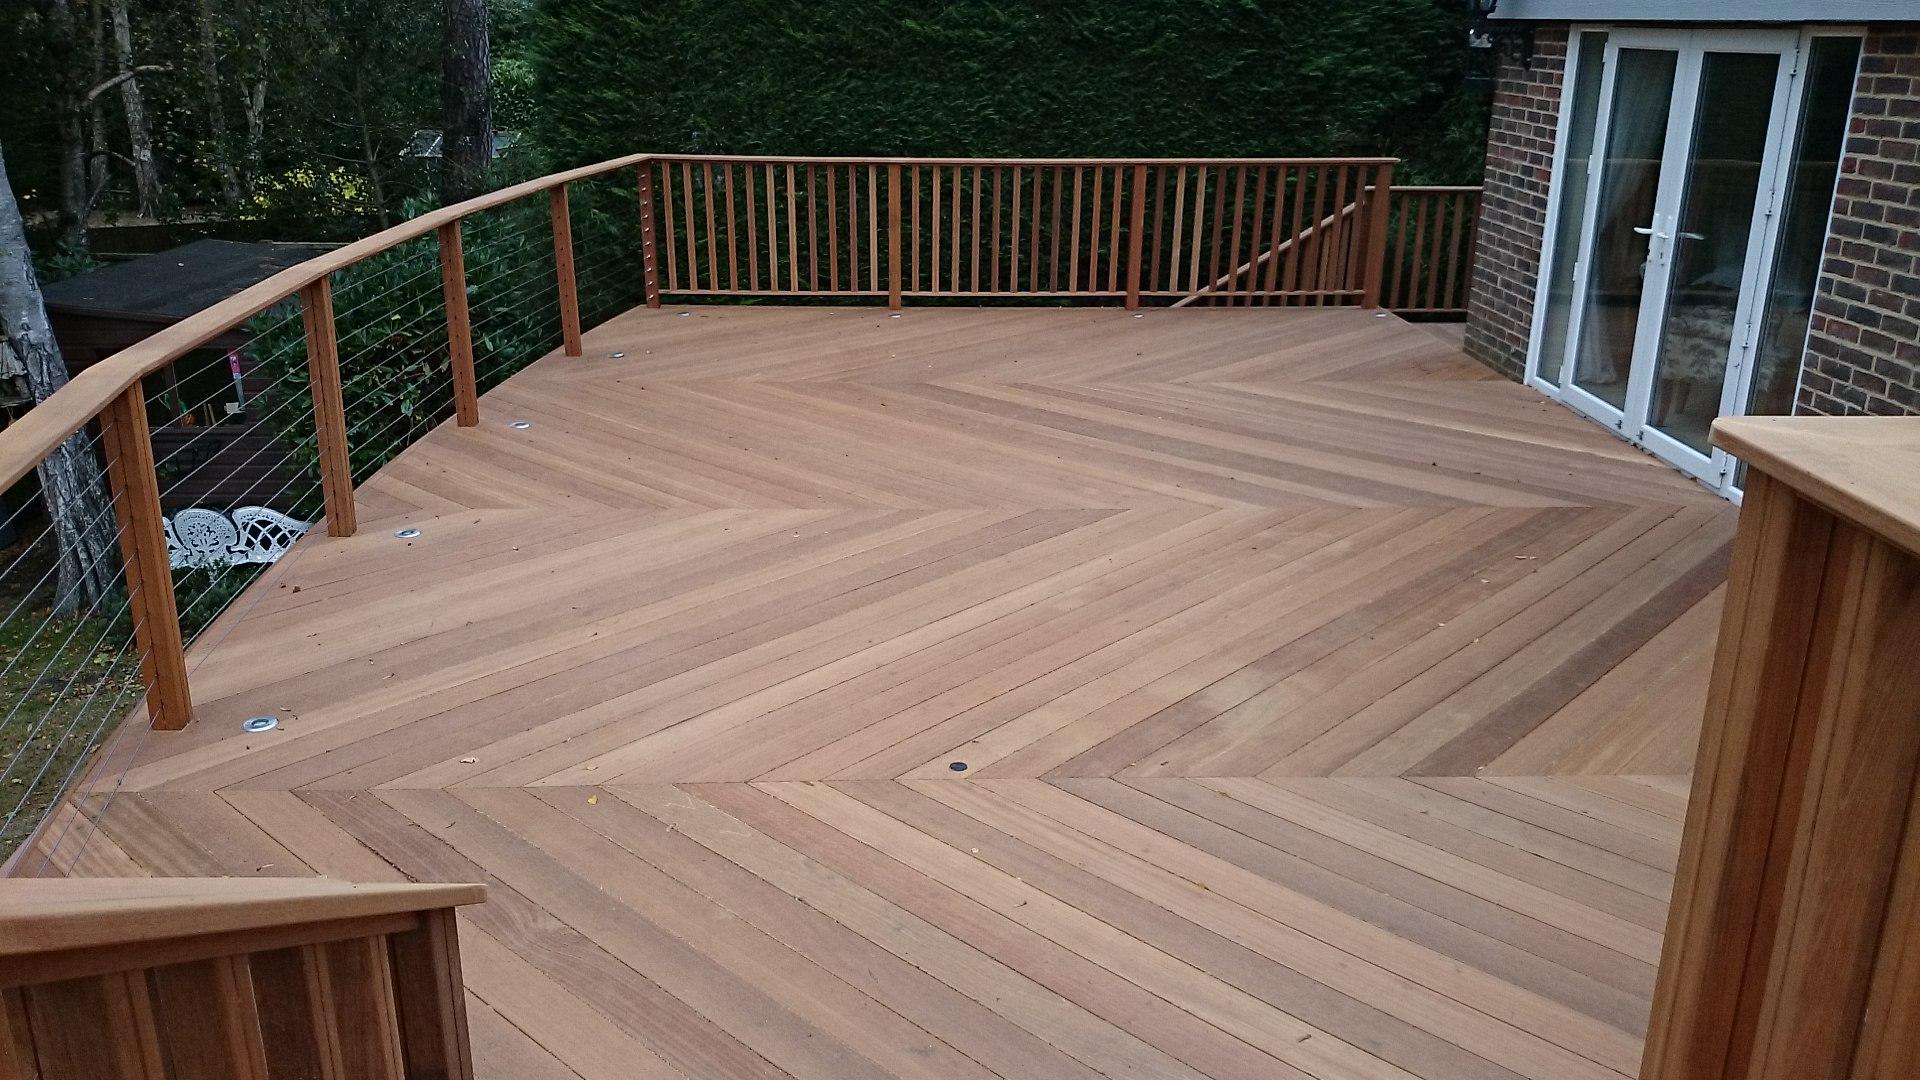 hardwood decking yellow balau 21 x 145mm smooth 2 sides - southgate timber | SRRUXER